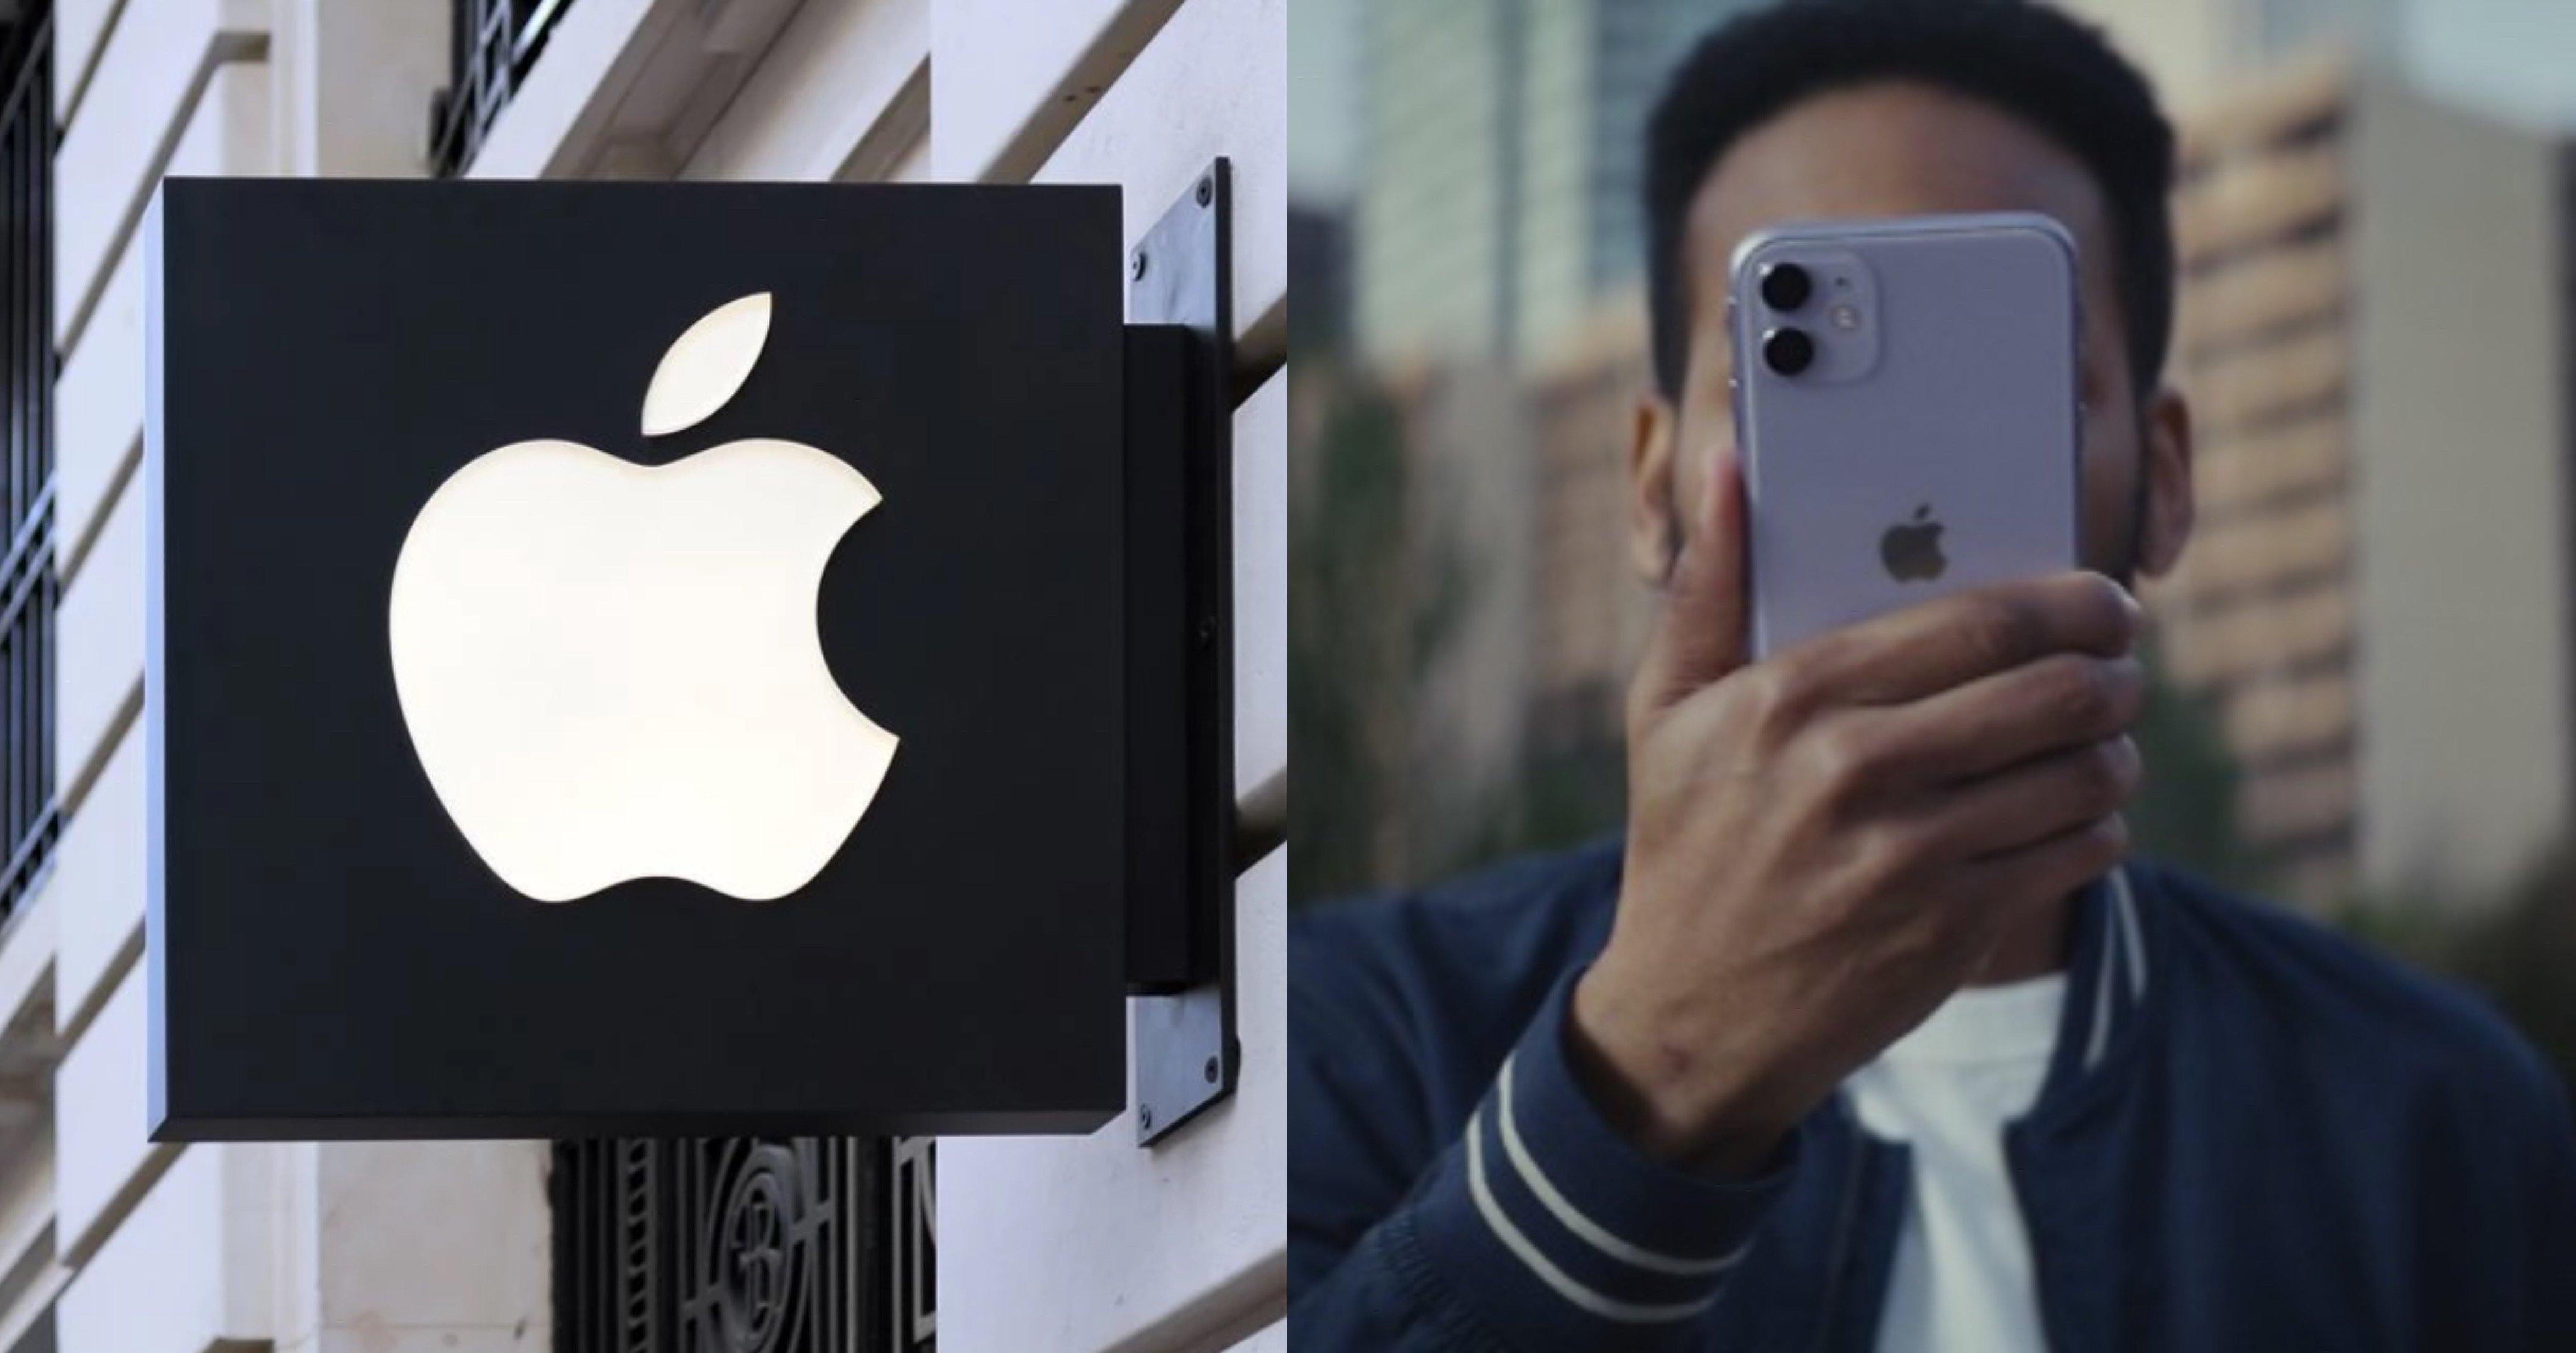 """d7f0aa4b 8e83 4963 b909 de688b0bfd10.jpeg?resize=412,232 - """"이젠 이런 것도 나온다고?""""... 애플, '애플카'에 이어 '이 것' 특허 승인 받았다"""